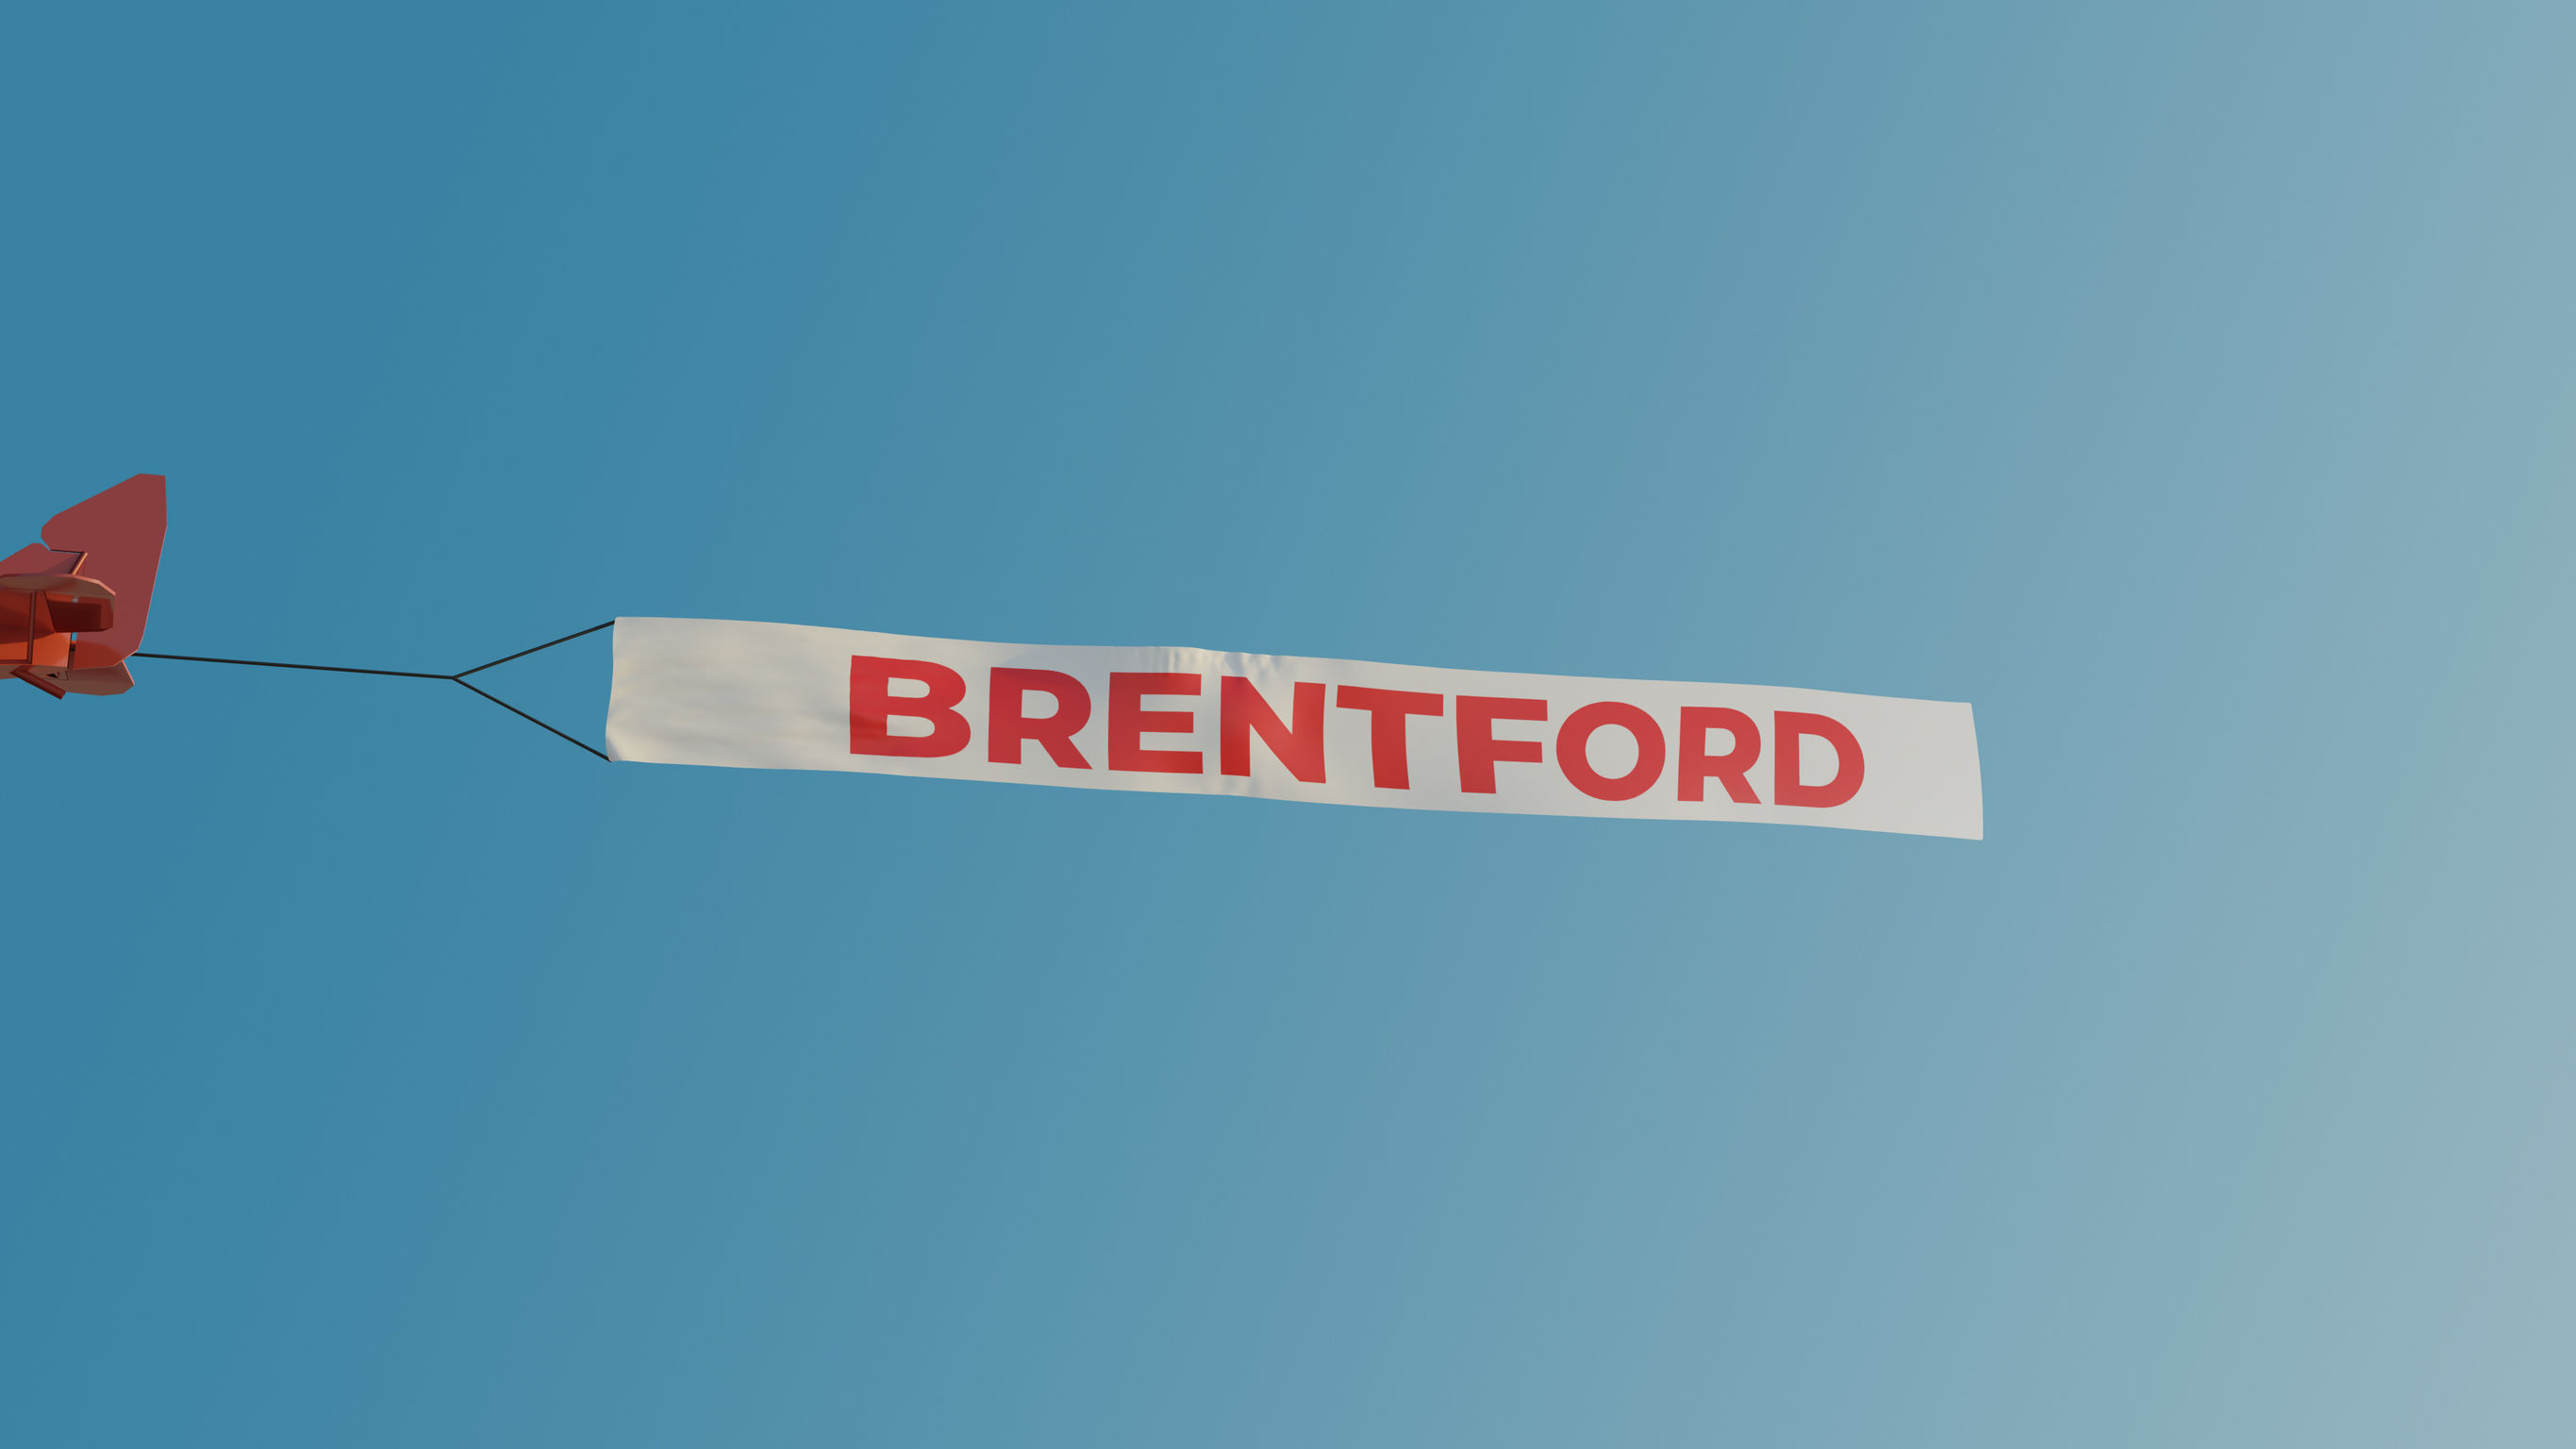 brentford live